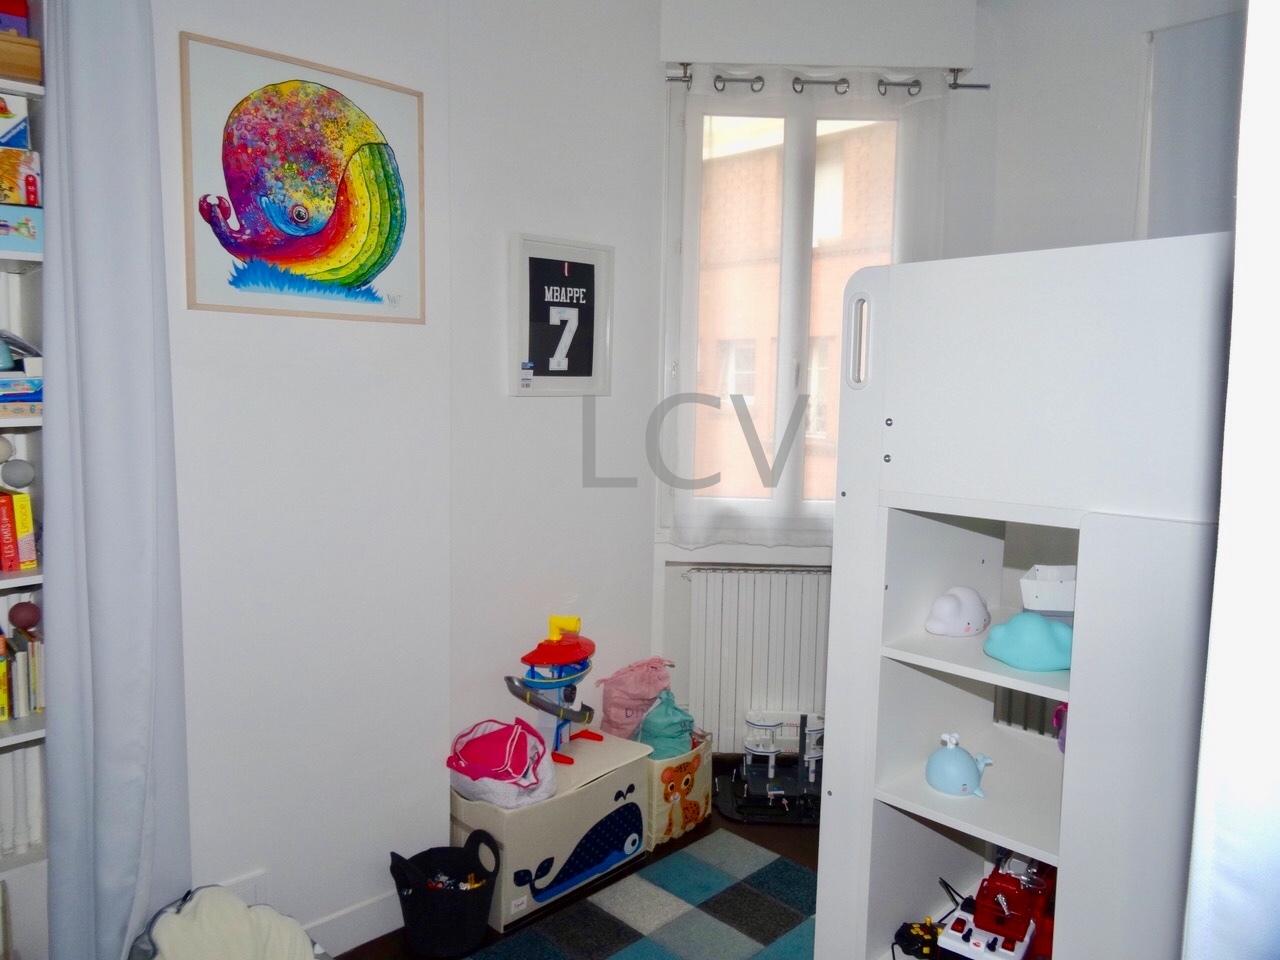 la-clef-des-villes-agence-immobiliere-boulogne-billancourt-photo-chambre-enfants